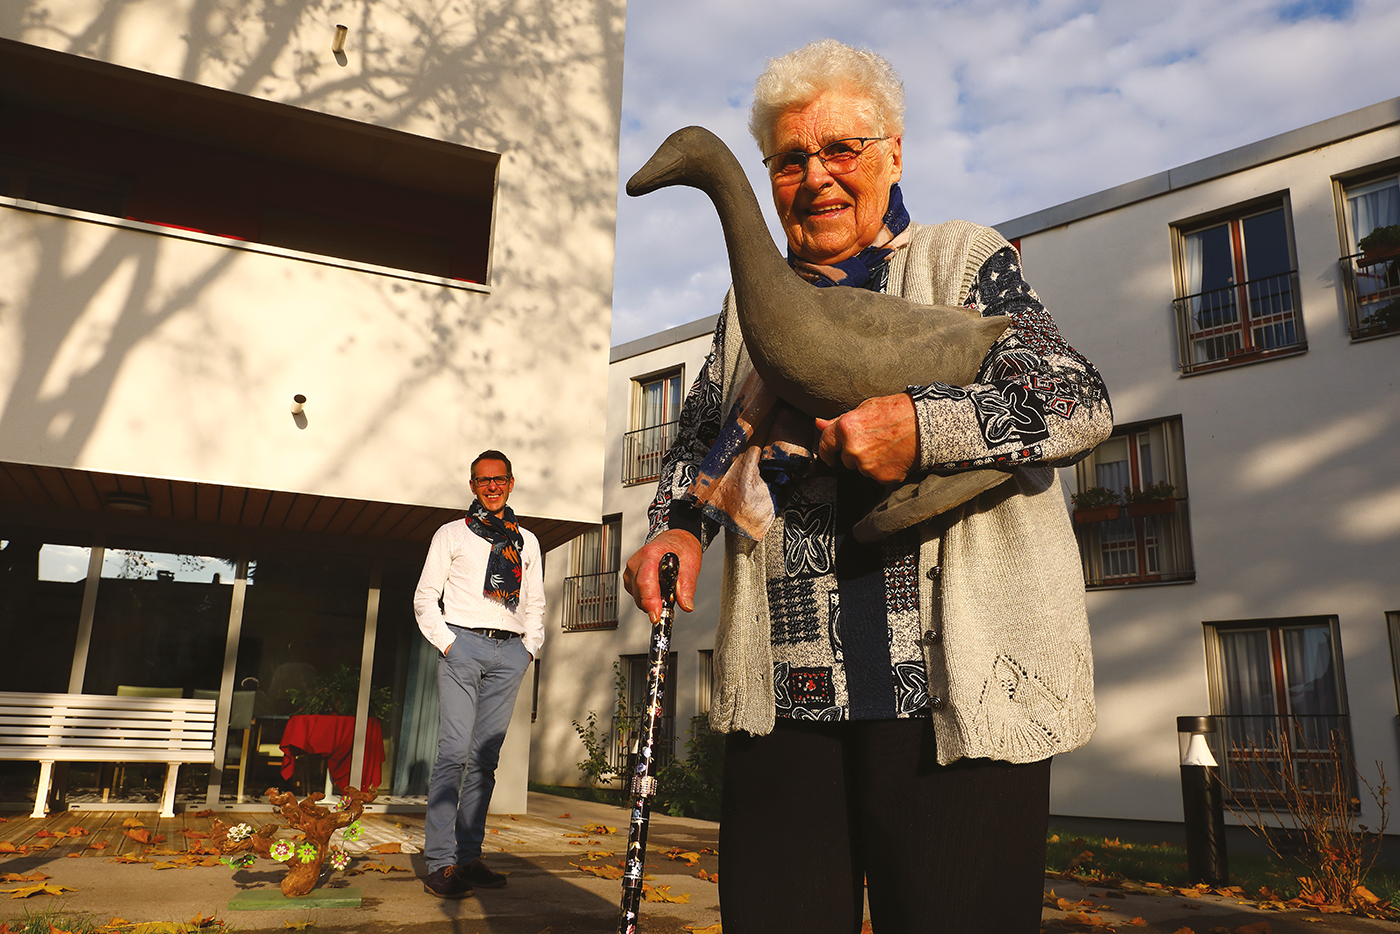 Beaune : résidence Les Primevères, ou comment « vivre sereinement sa vieillesse »